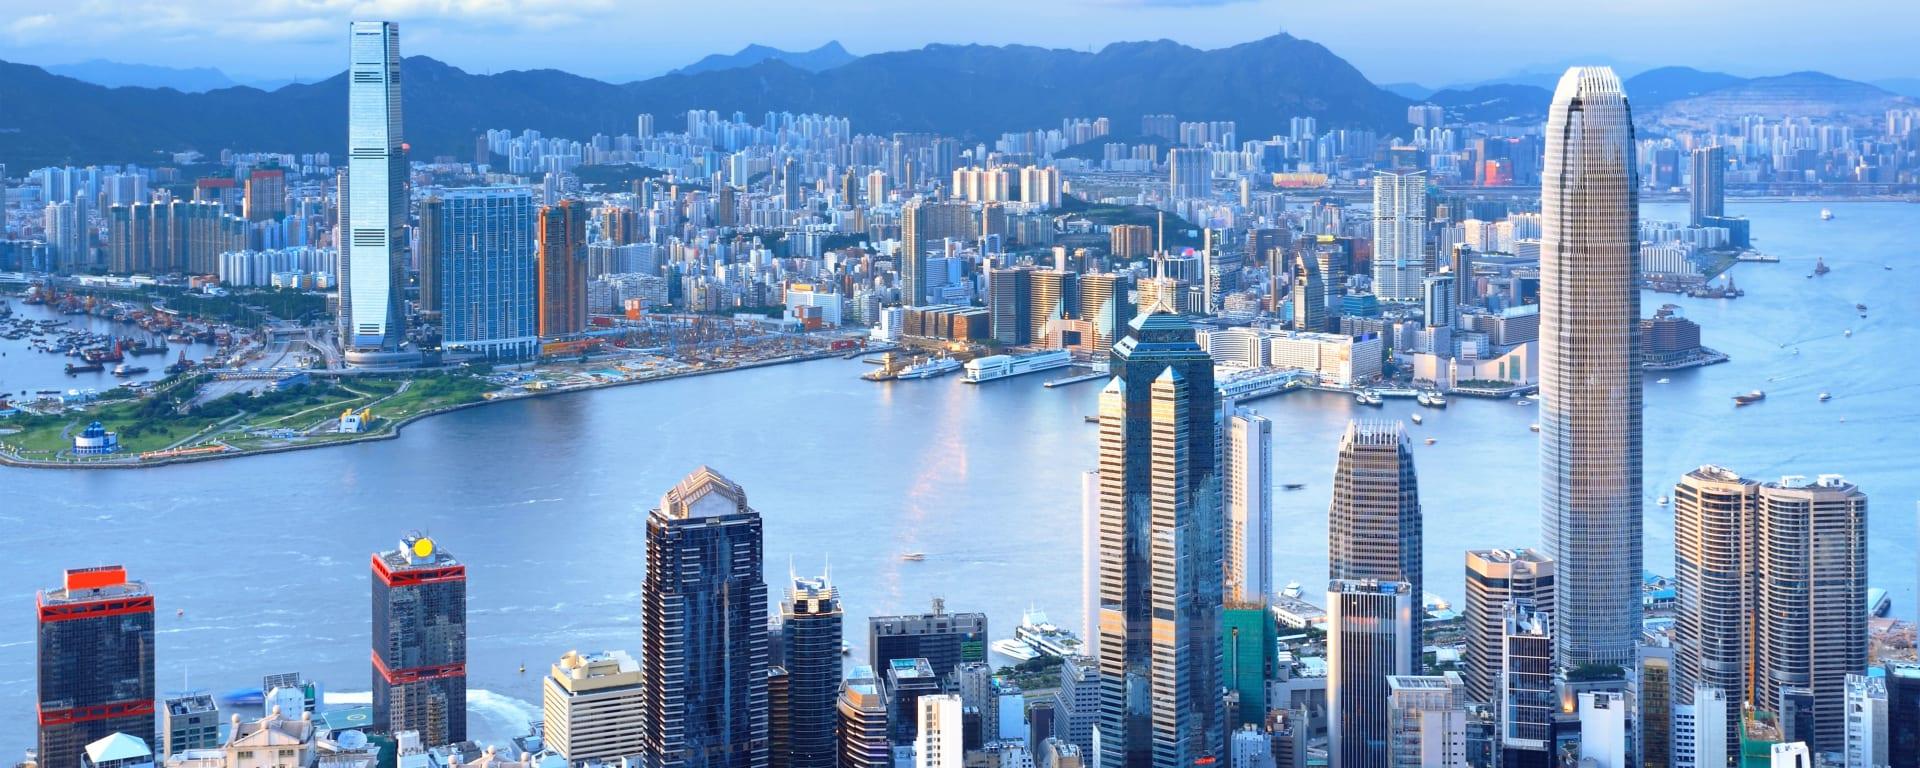 Hong Kong entdecken mit Tischler Reisen: Hong Kong Kowloon Skyline